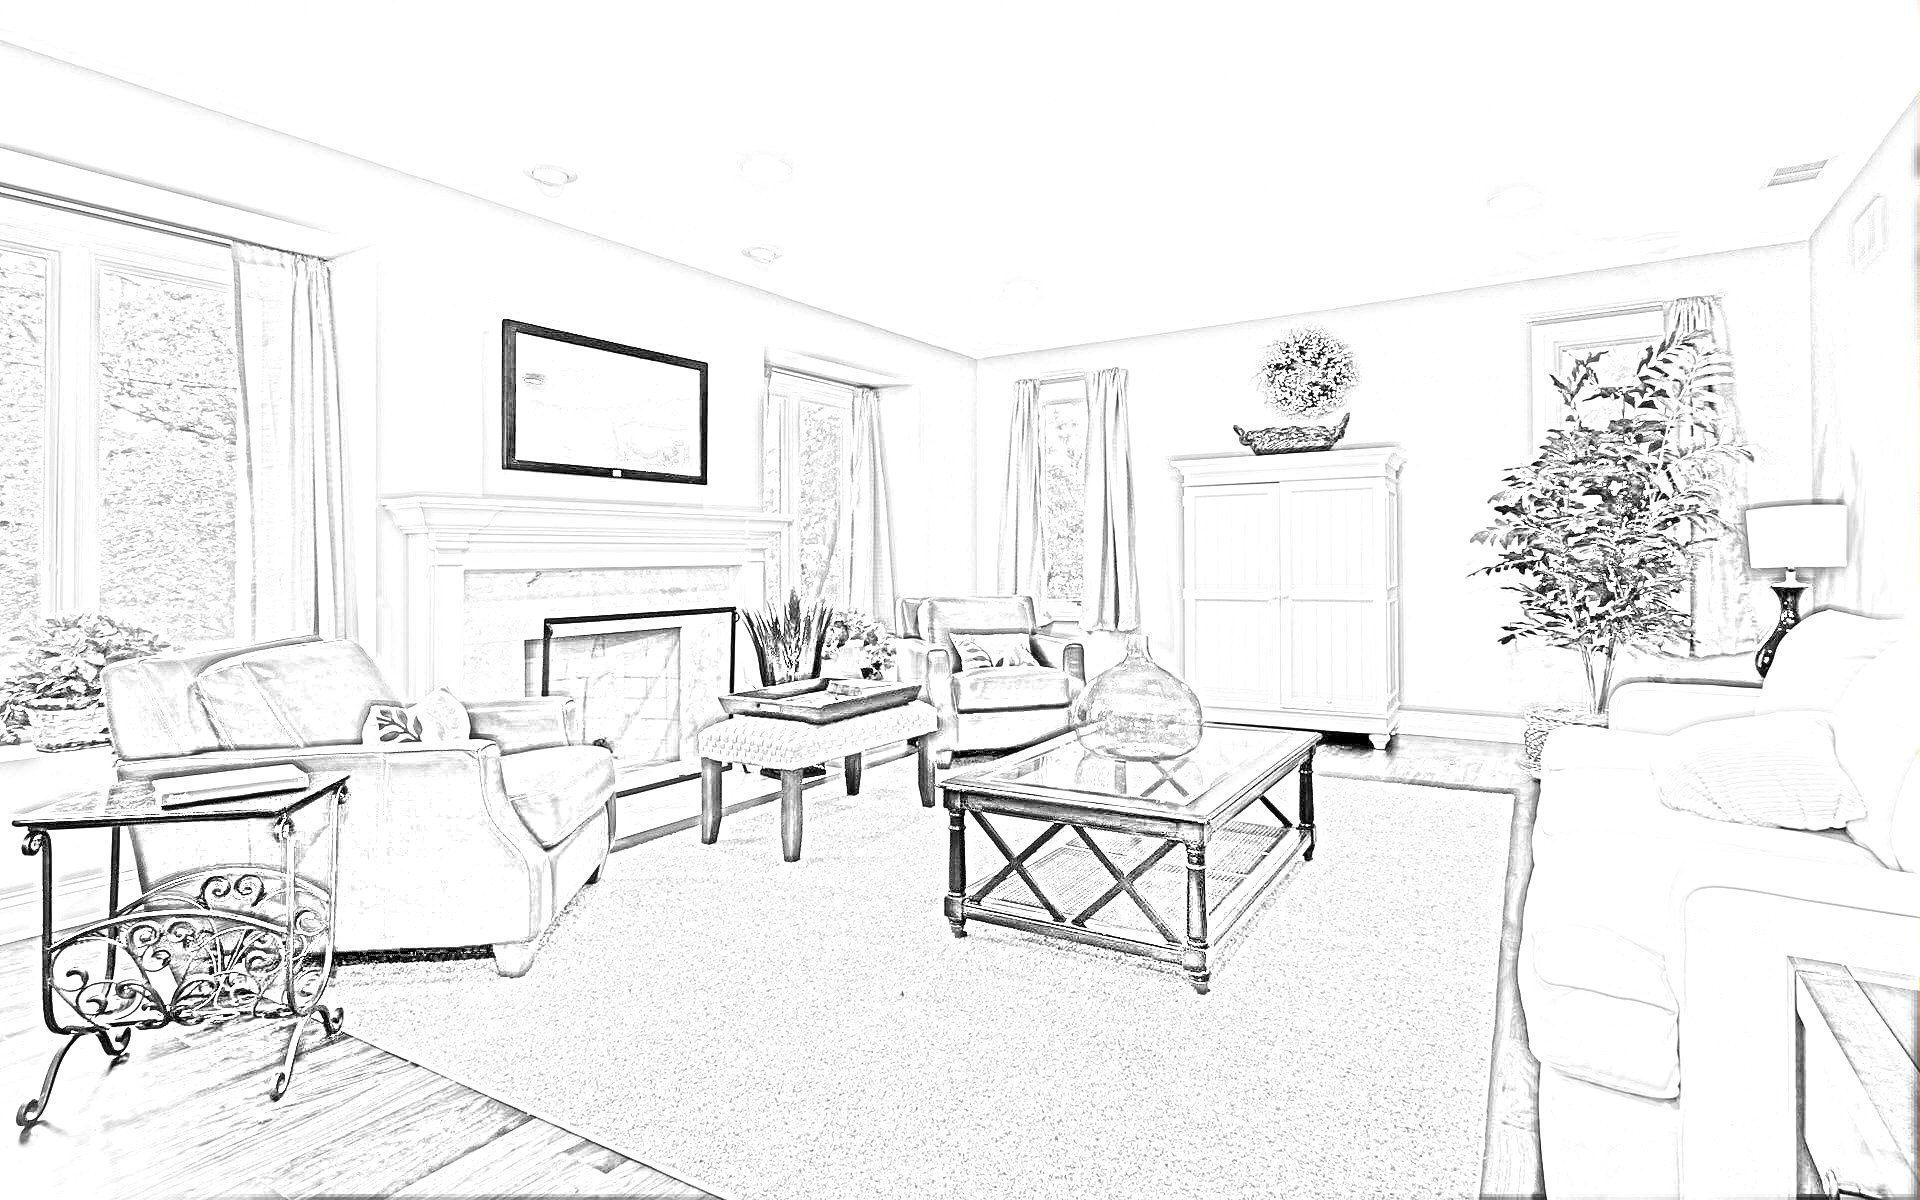 связь картинки гостиной комнаты рисунок загрузить